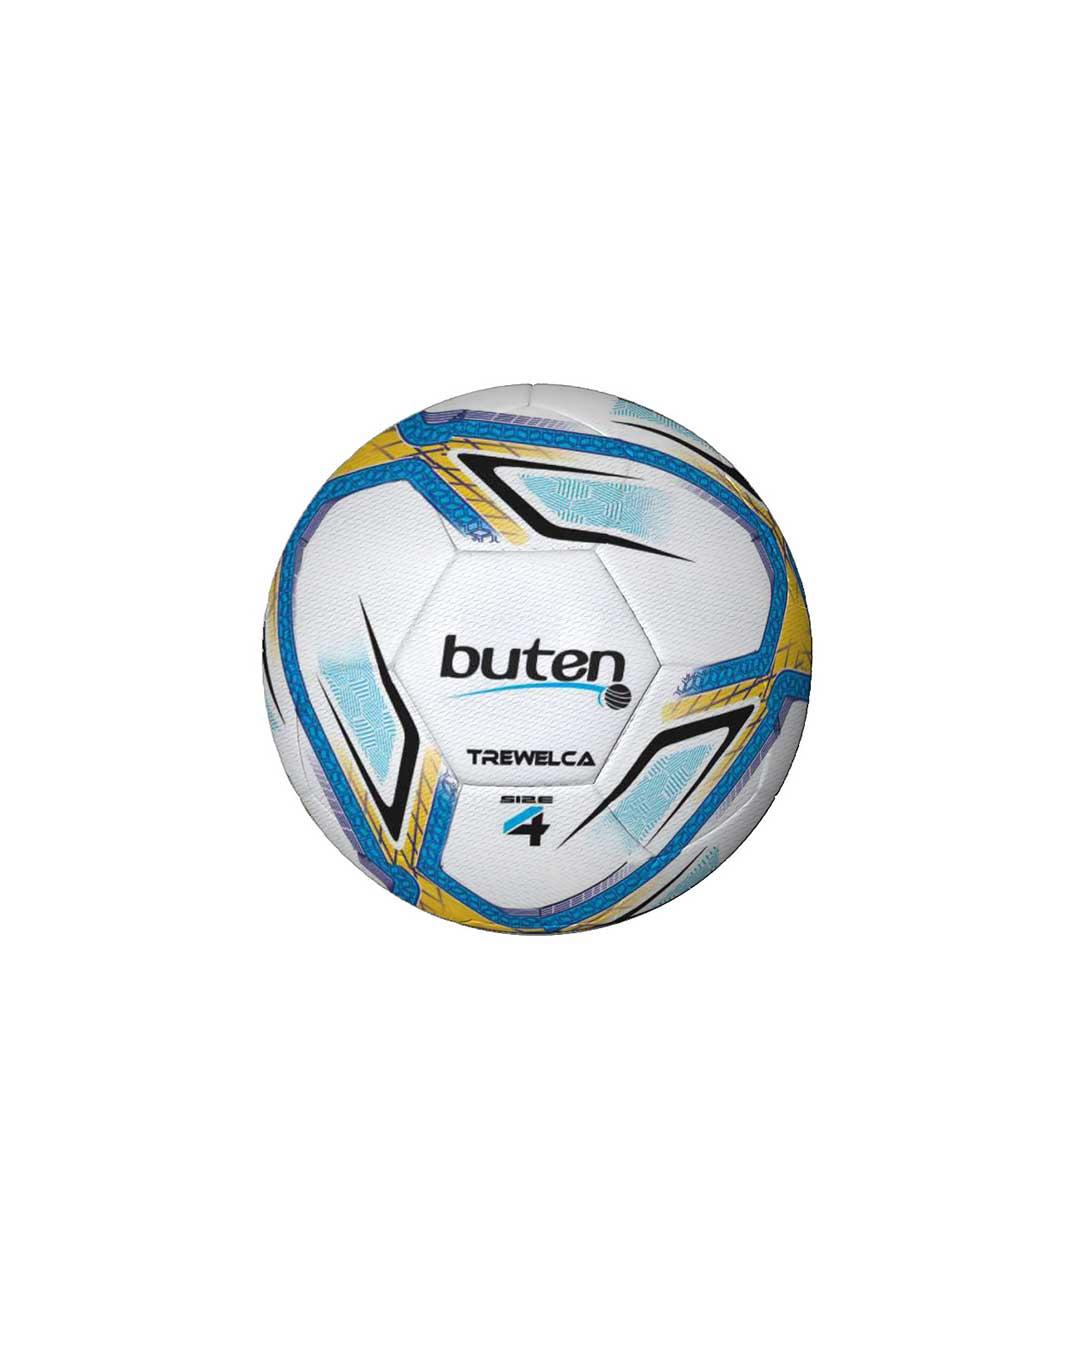 Balón de Fútbol N° 4 marca Buten (Bote alto) Trewalka